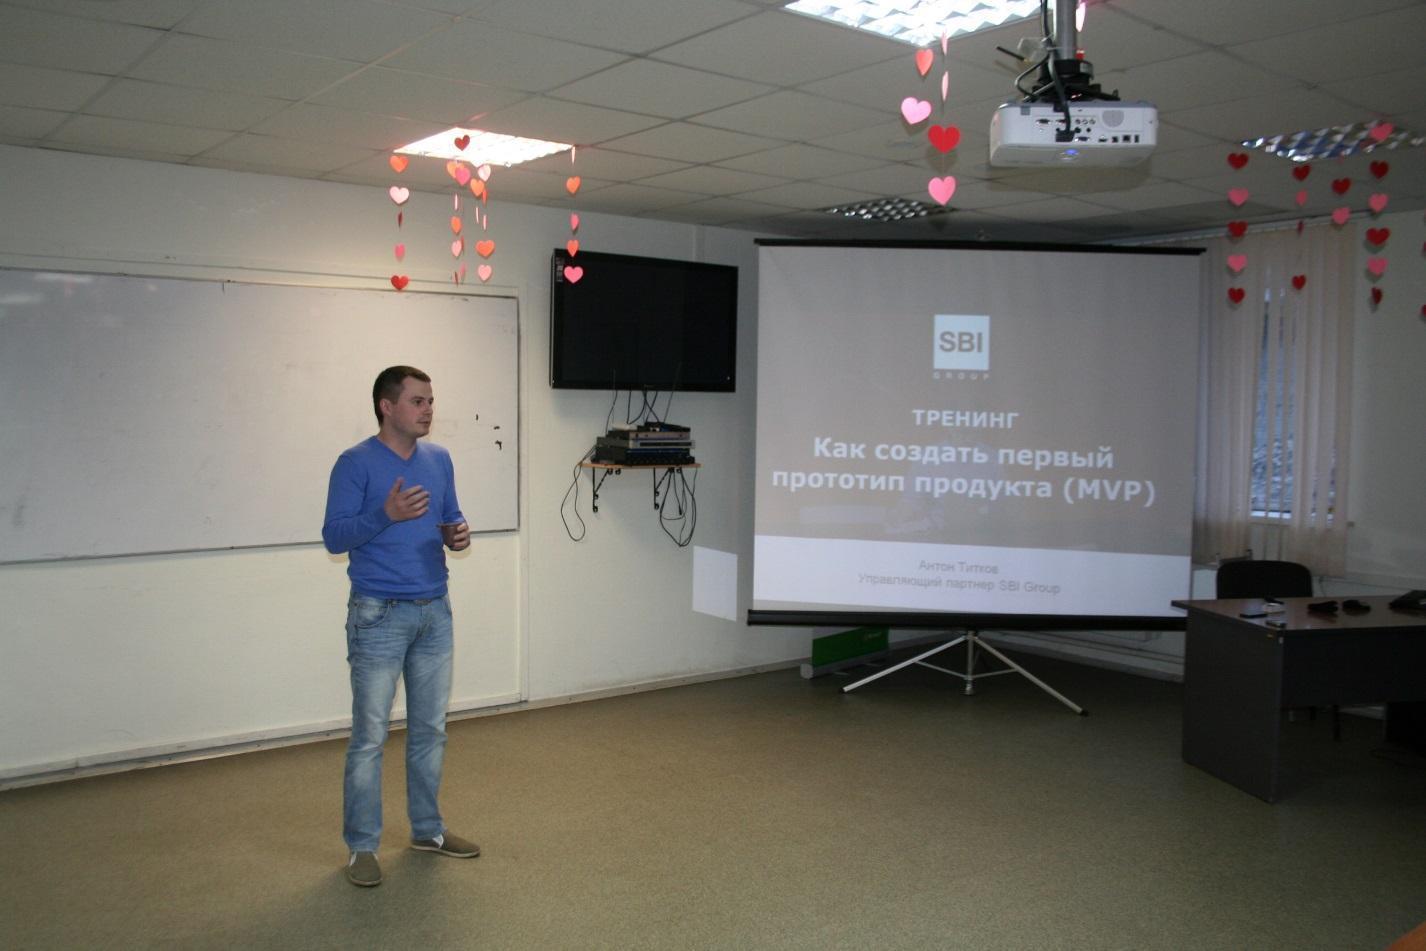 10Апреля вМСБИ «Дружба» прошёл тренинг «Как создать первый прототип продукта (MVP)»